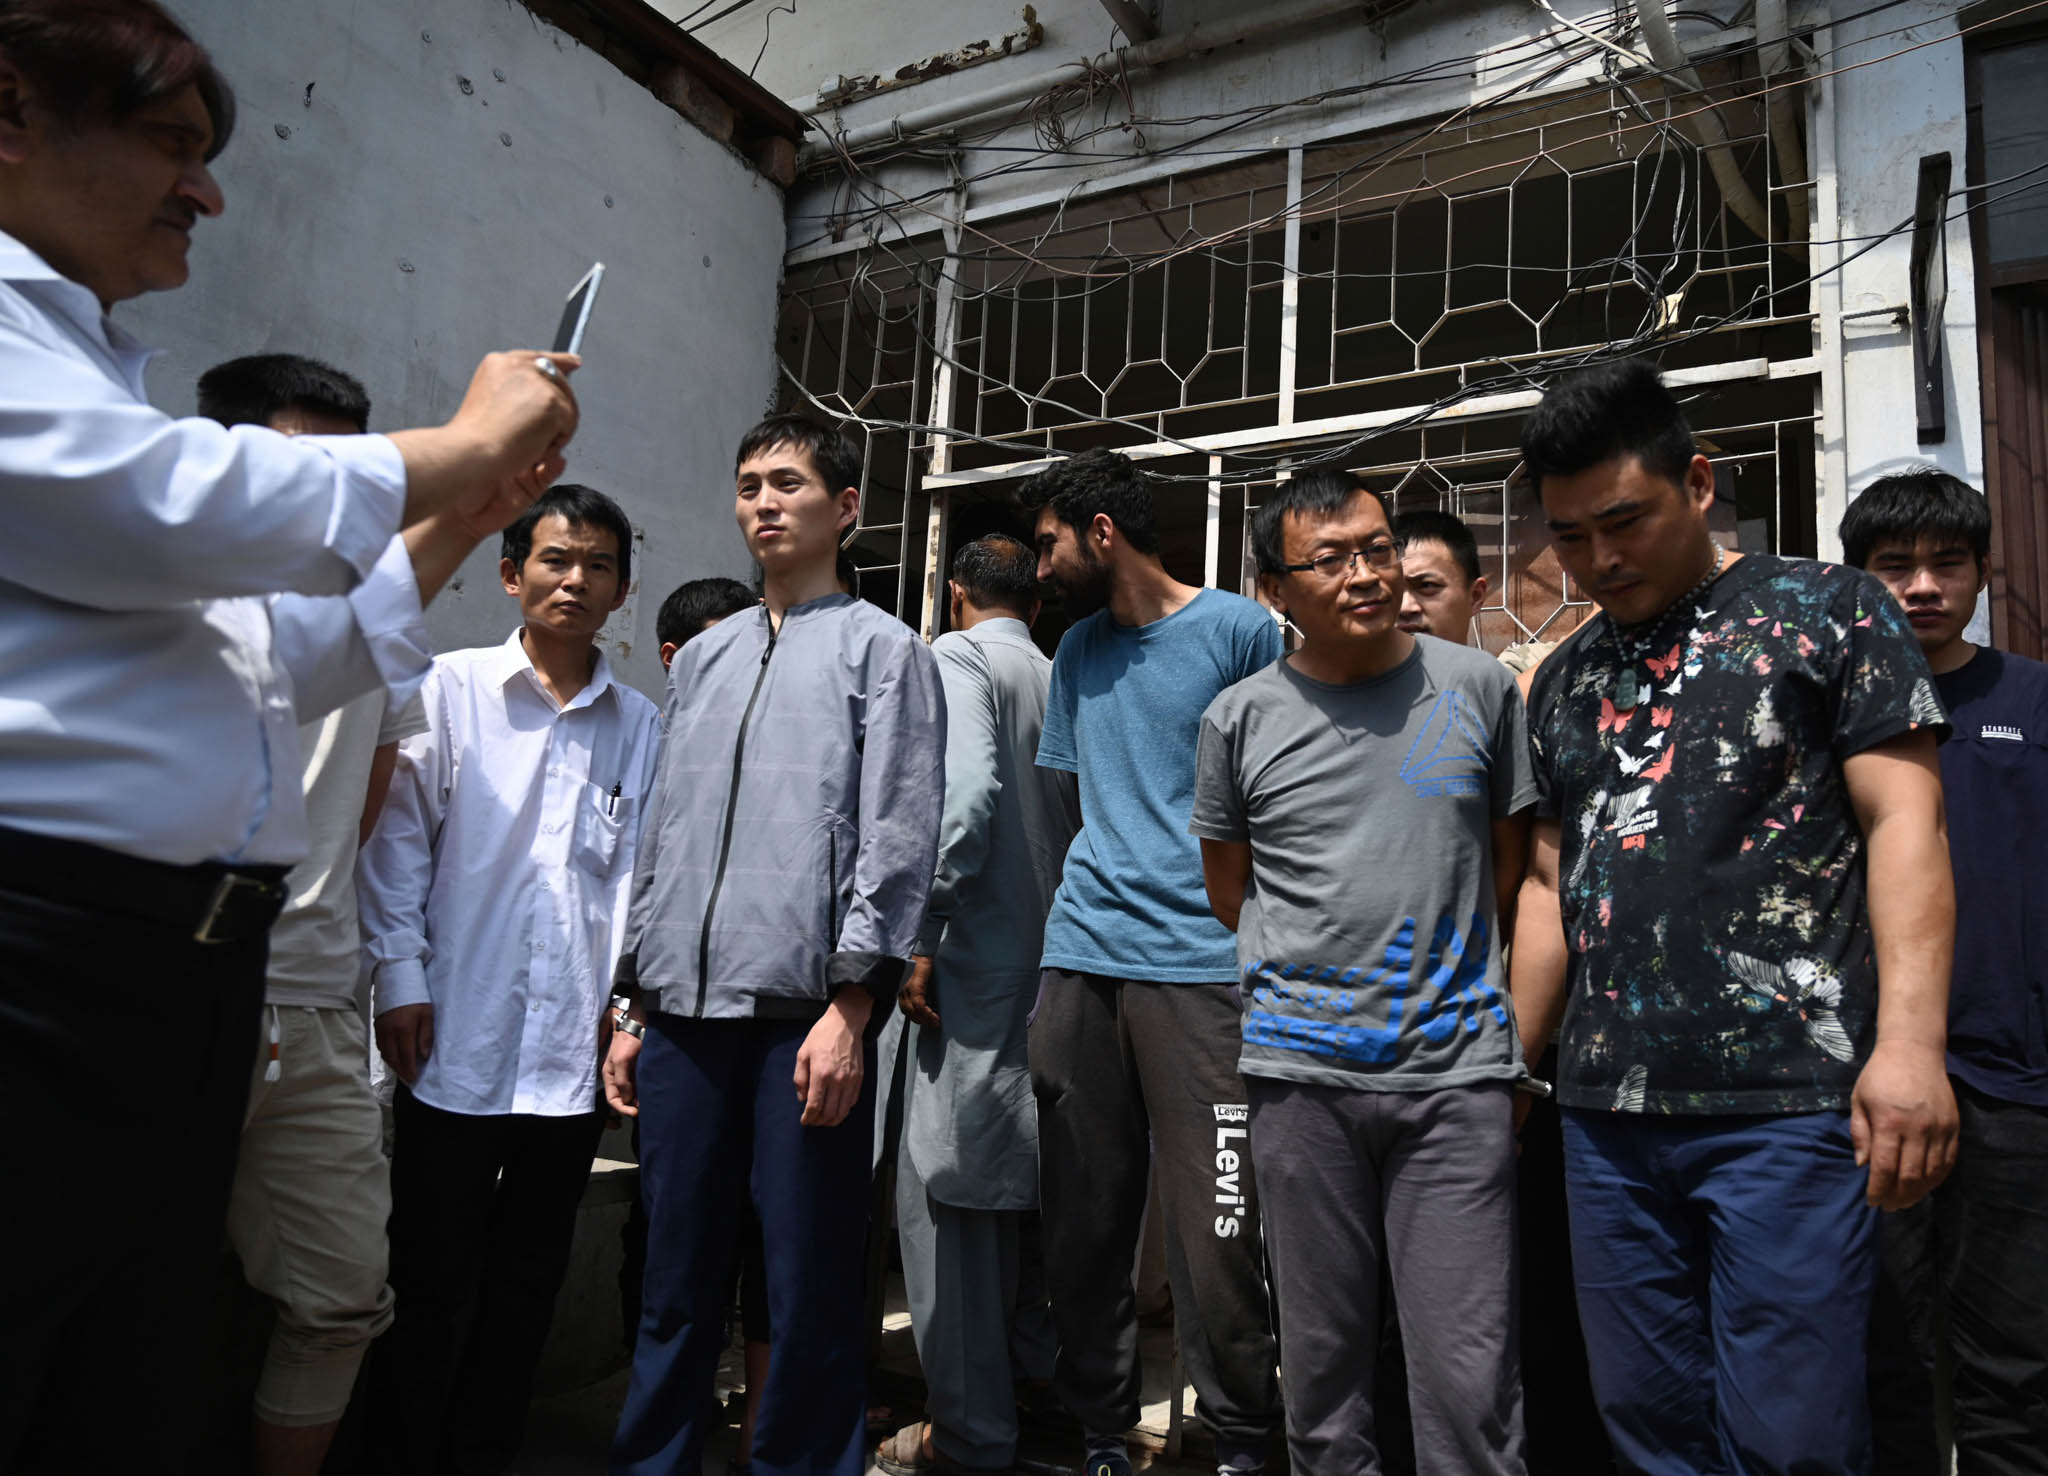 Man taking picture of other men (© B.K. Bangash/AP Images)